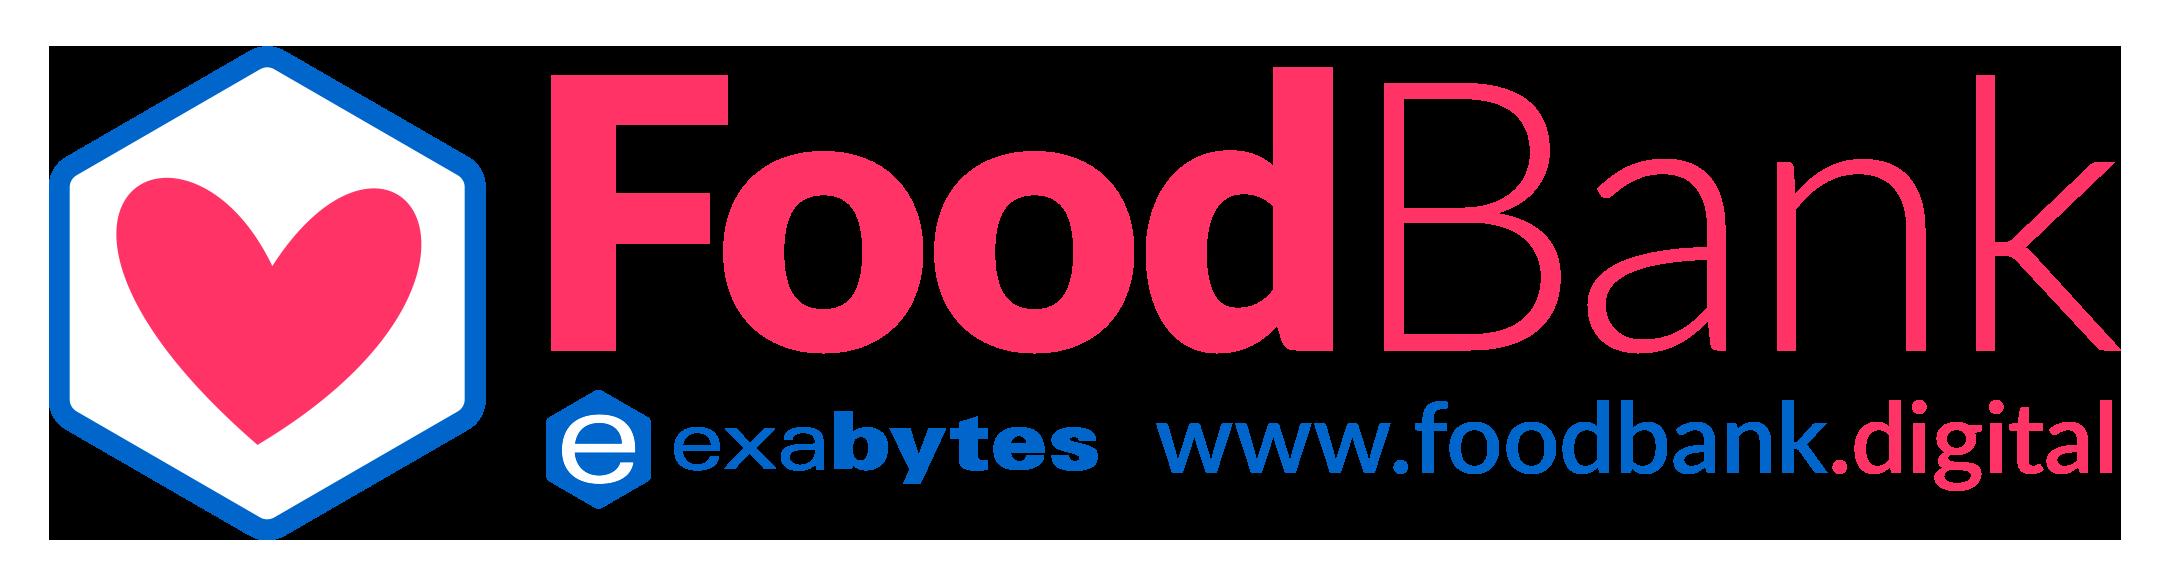 FoodBank.Digital